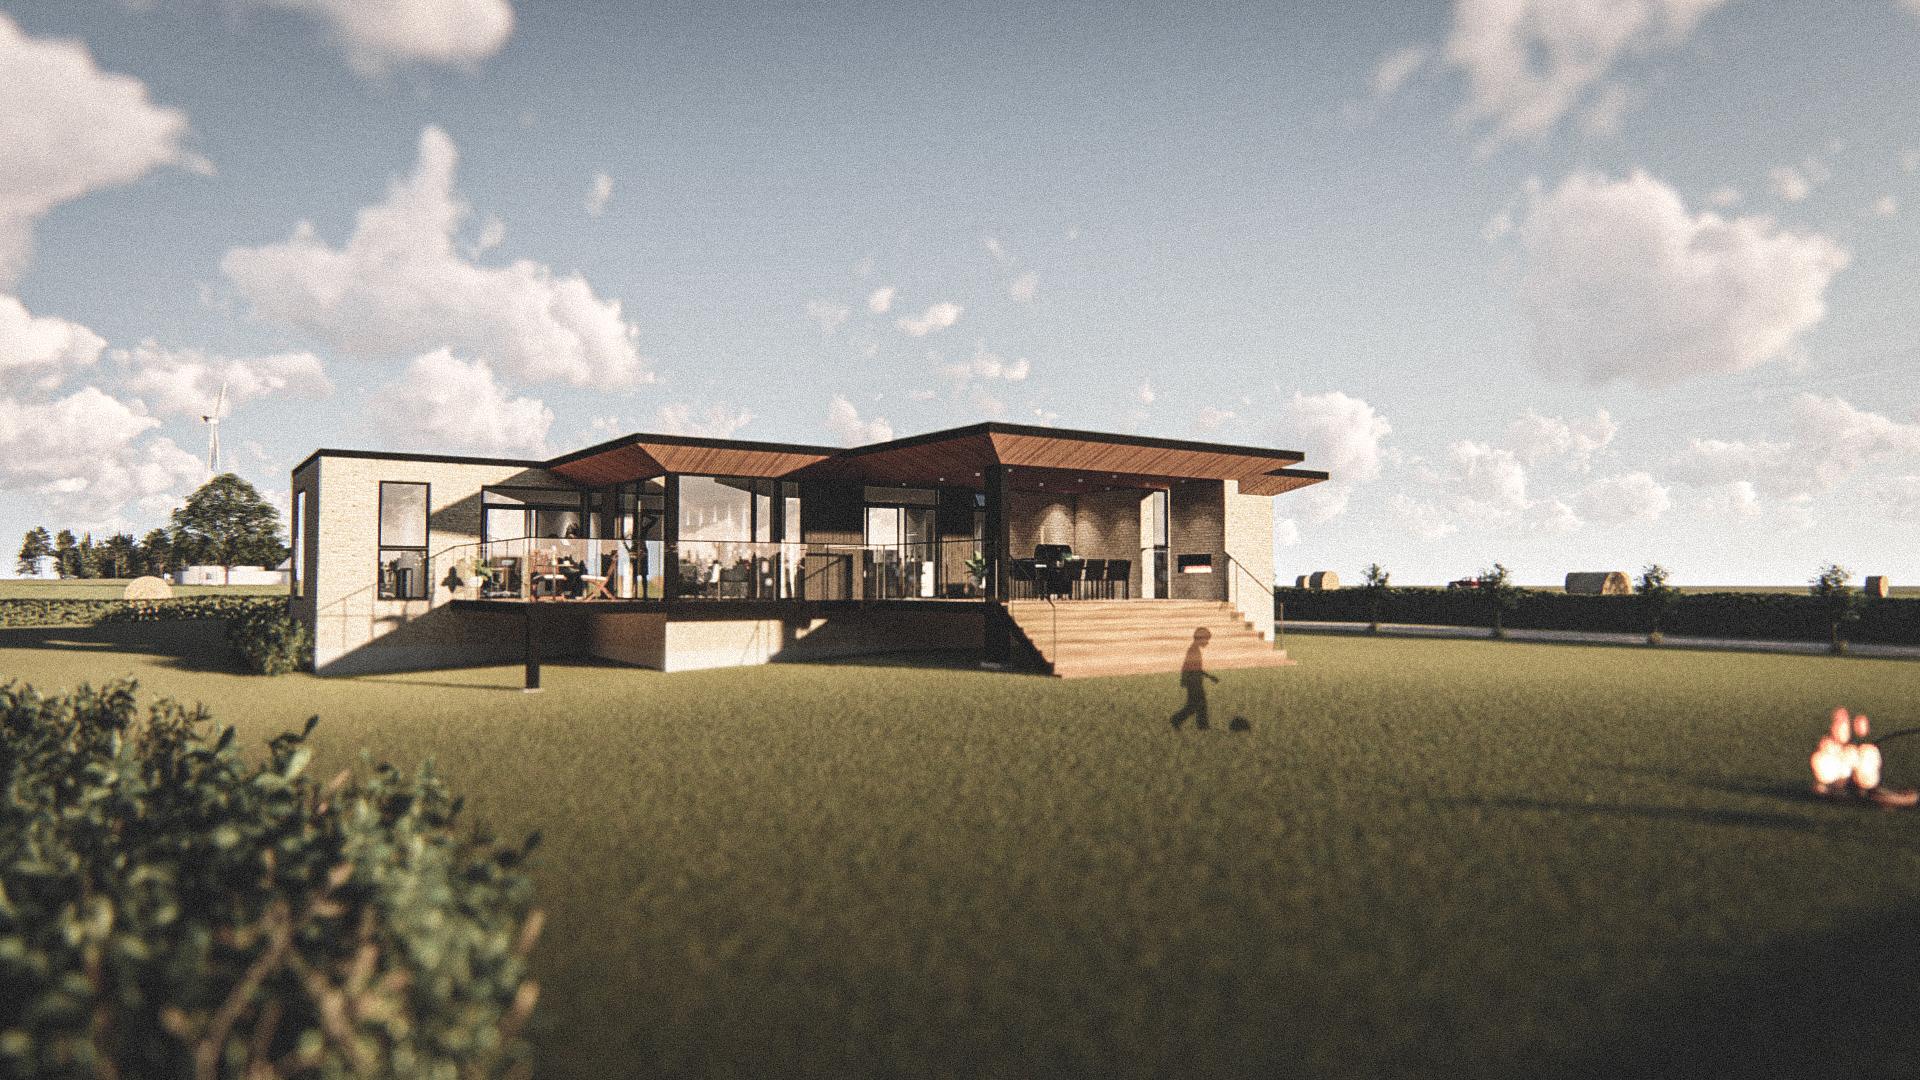 Billede af Dansk arkitekttegnet 1 plan villa af arkitektfirmaet m2plus, i Hirtshals på 263 kvartratmeter.